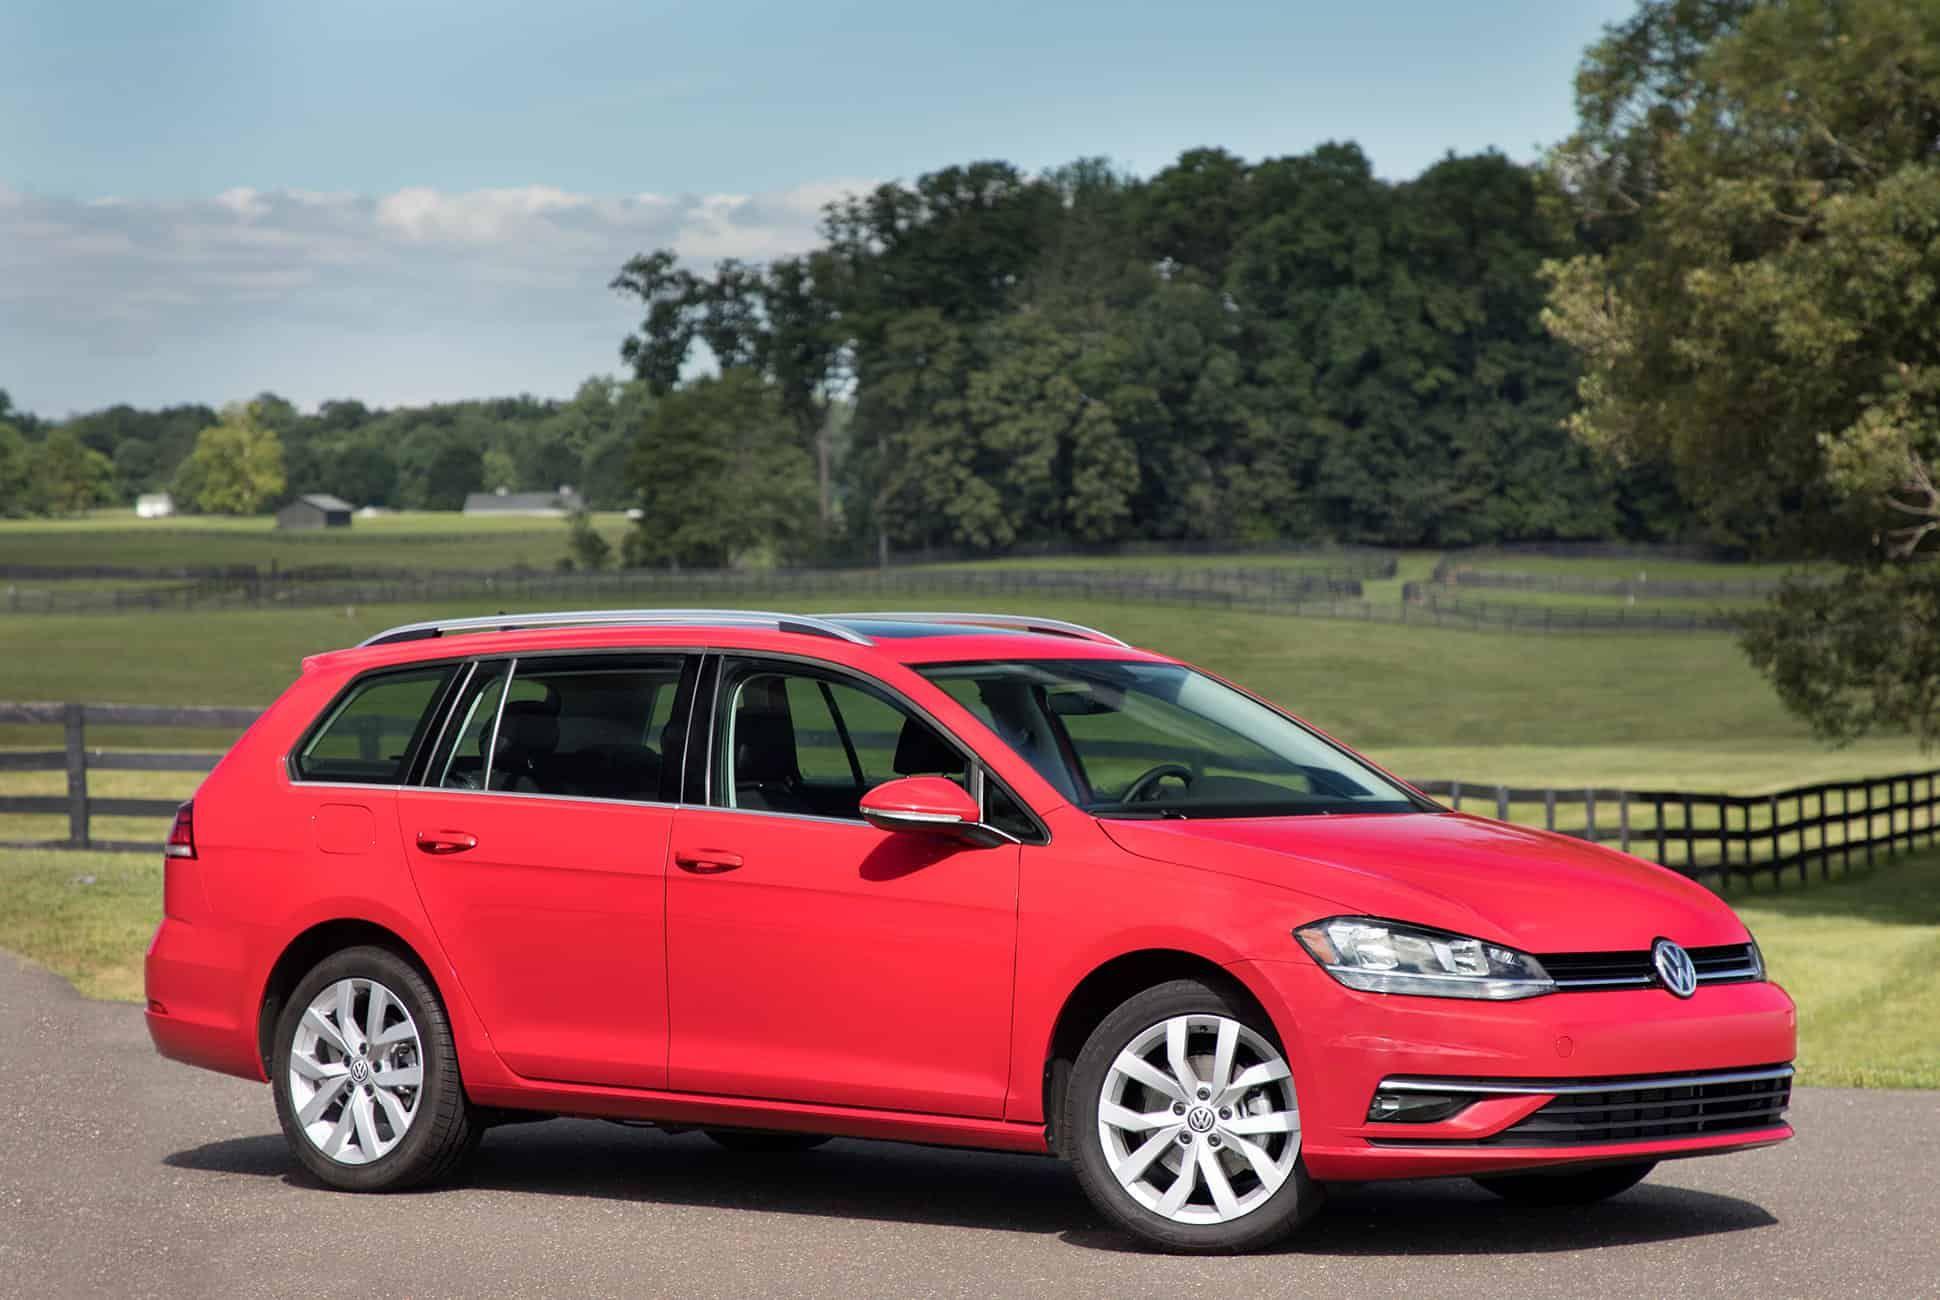 VW Golf Sportwagen >> Volkswagen Sportwagen Review Practicality For Enthusiasts